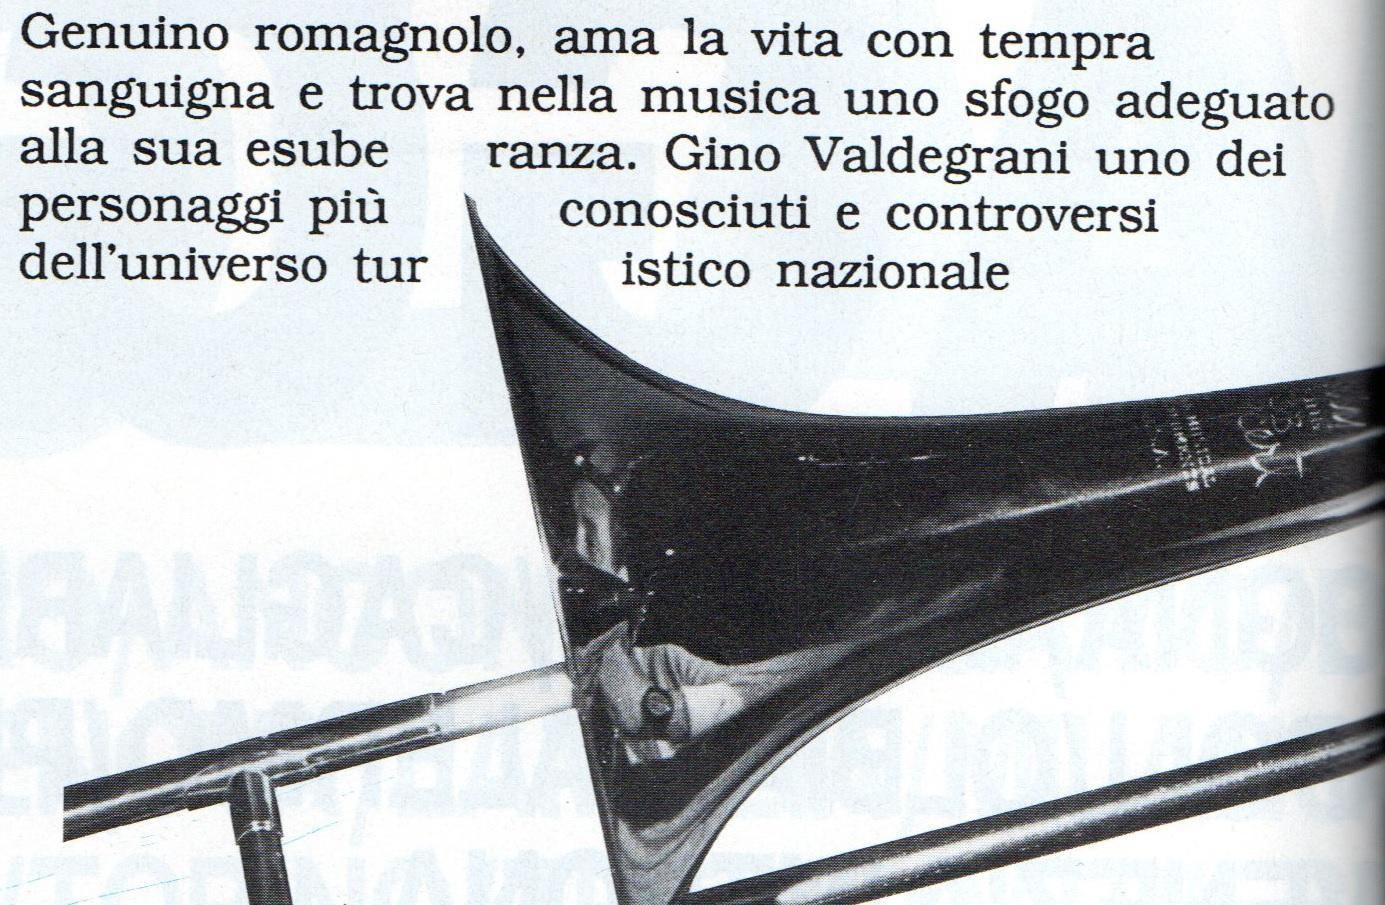 AVINEWS 308: UN ALTRO ALBERGO A PARIGI E IL PROFILO DEL T.O. GINO VALDEGRANI